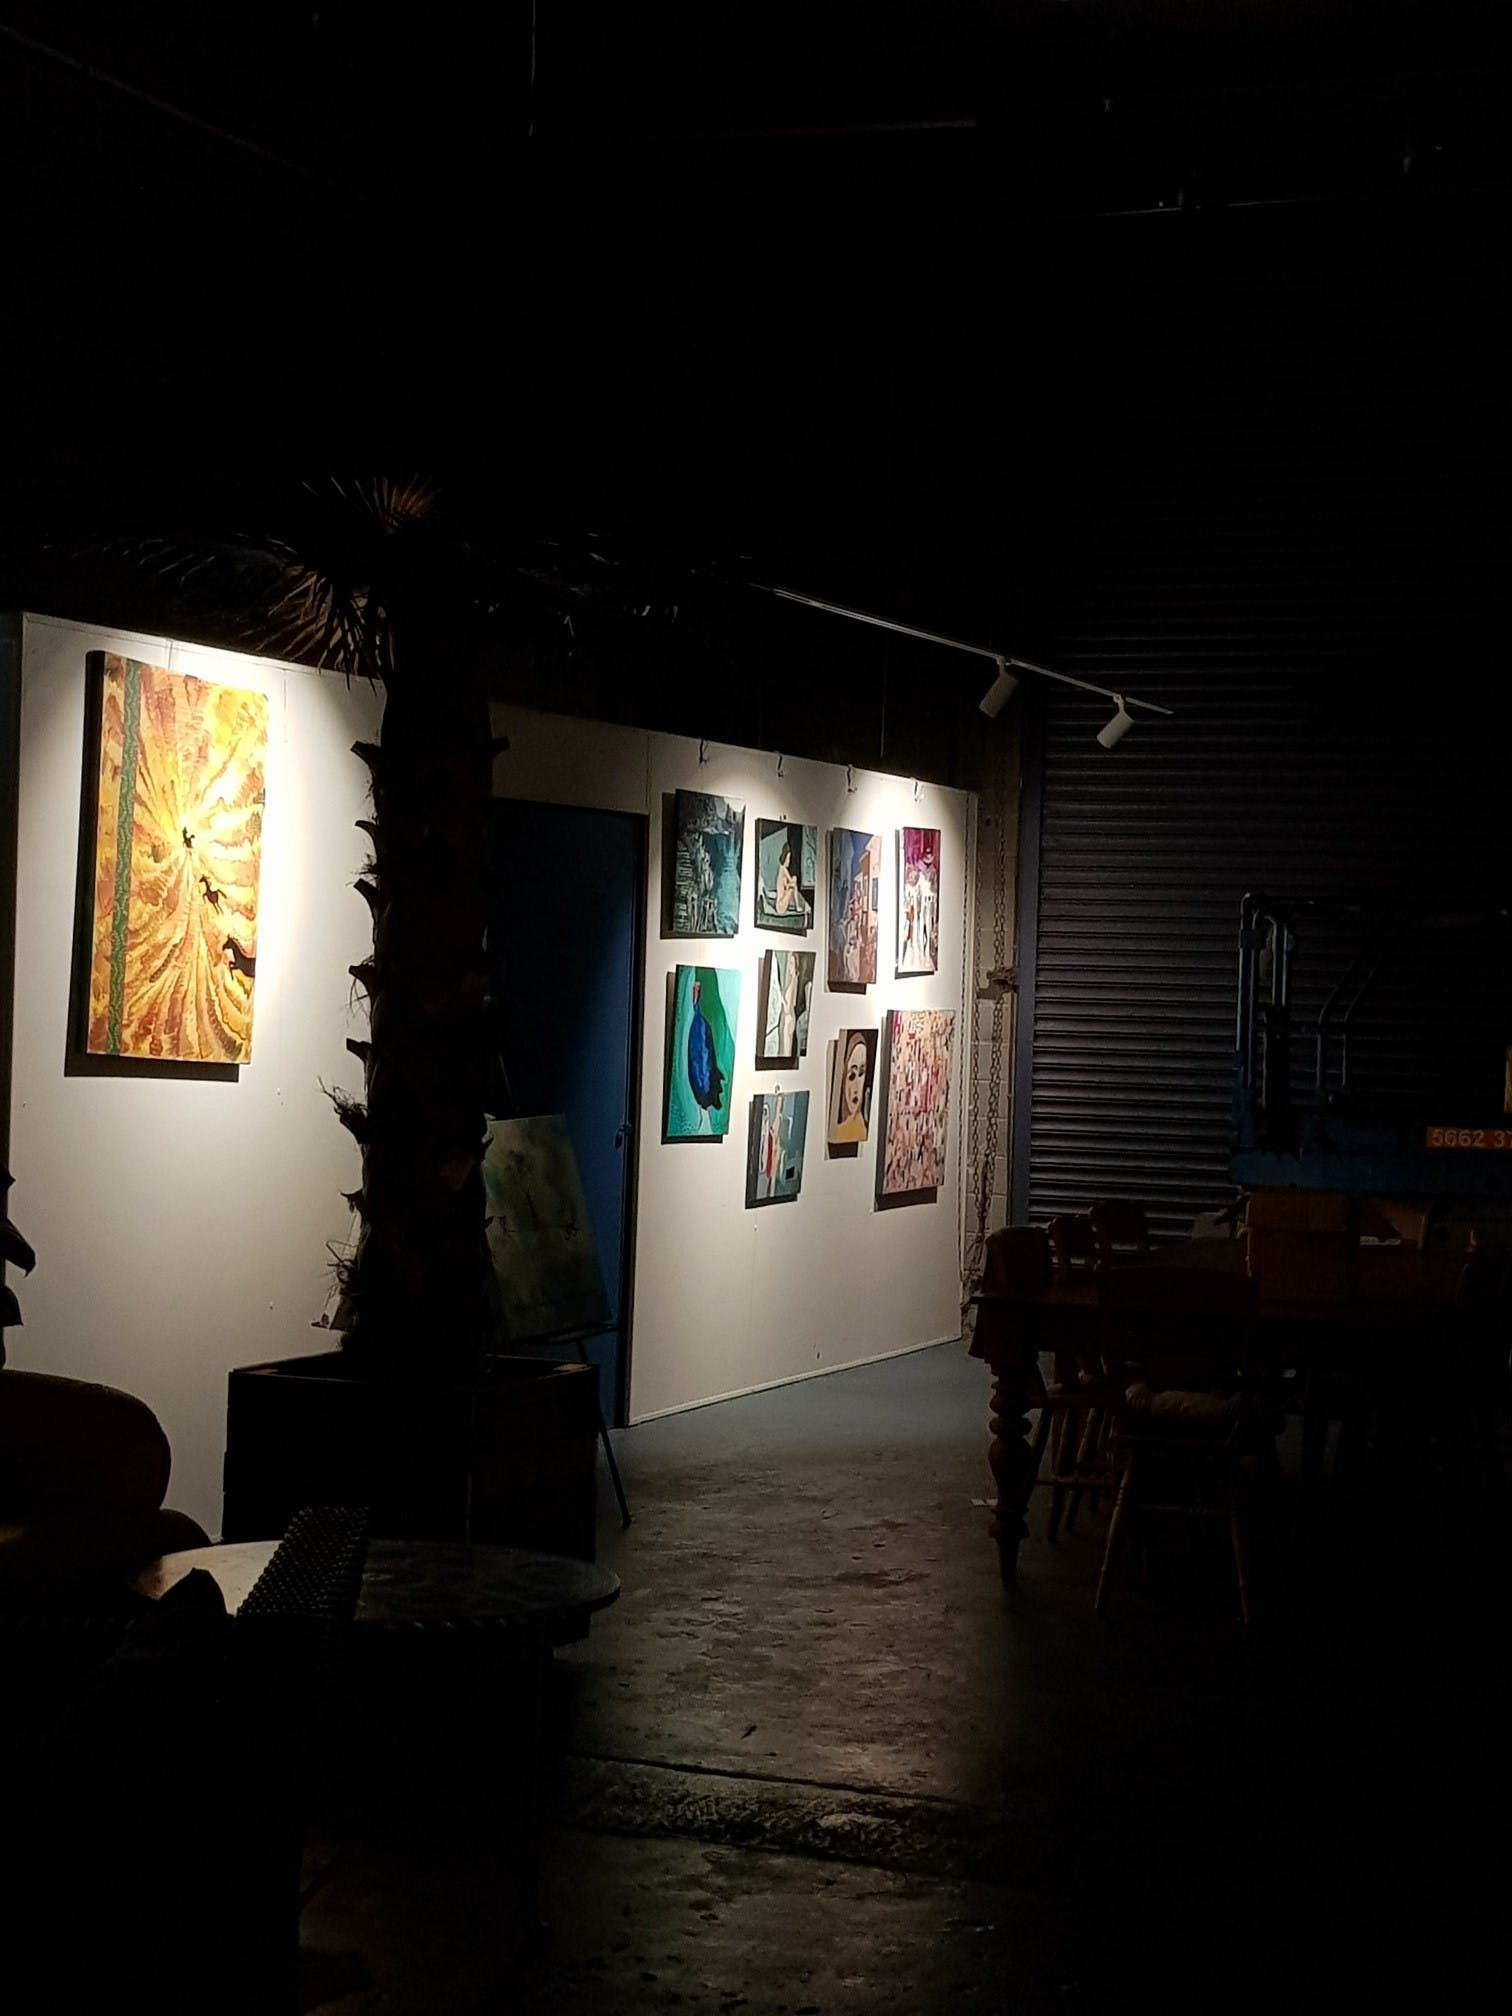 Gallery at Le Studio Art Space & Ceramic Studio, image 3